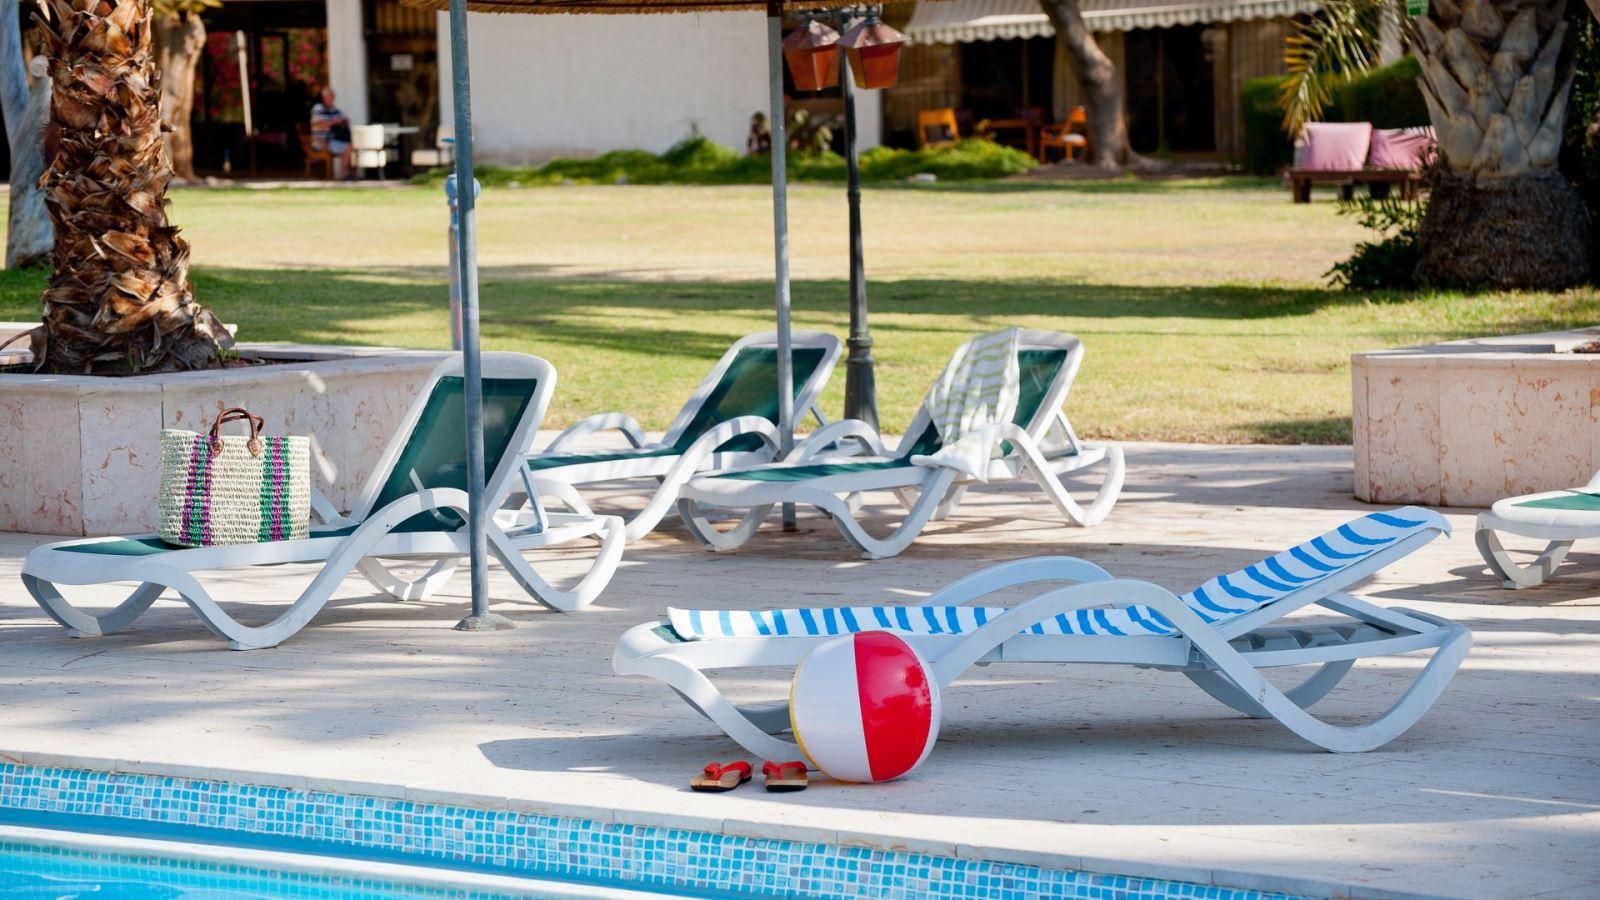 מהרו להזמין חופשה מפנקת בלאונרדו אין ים המלח ב- 40% הנחה!